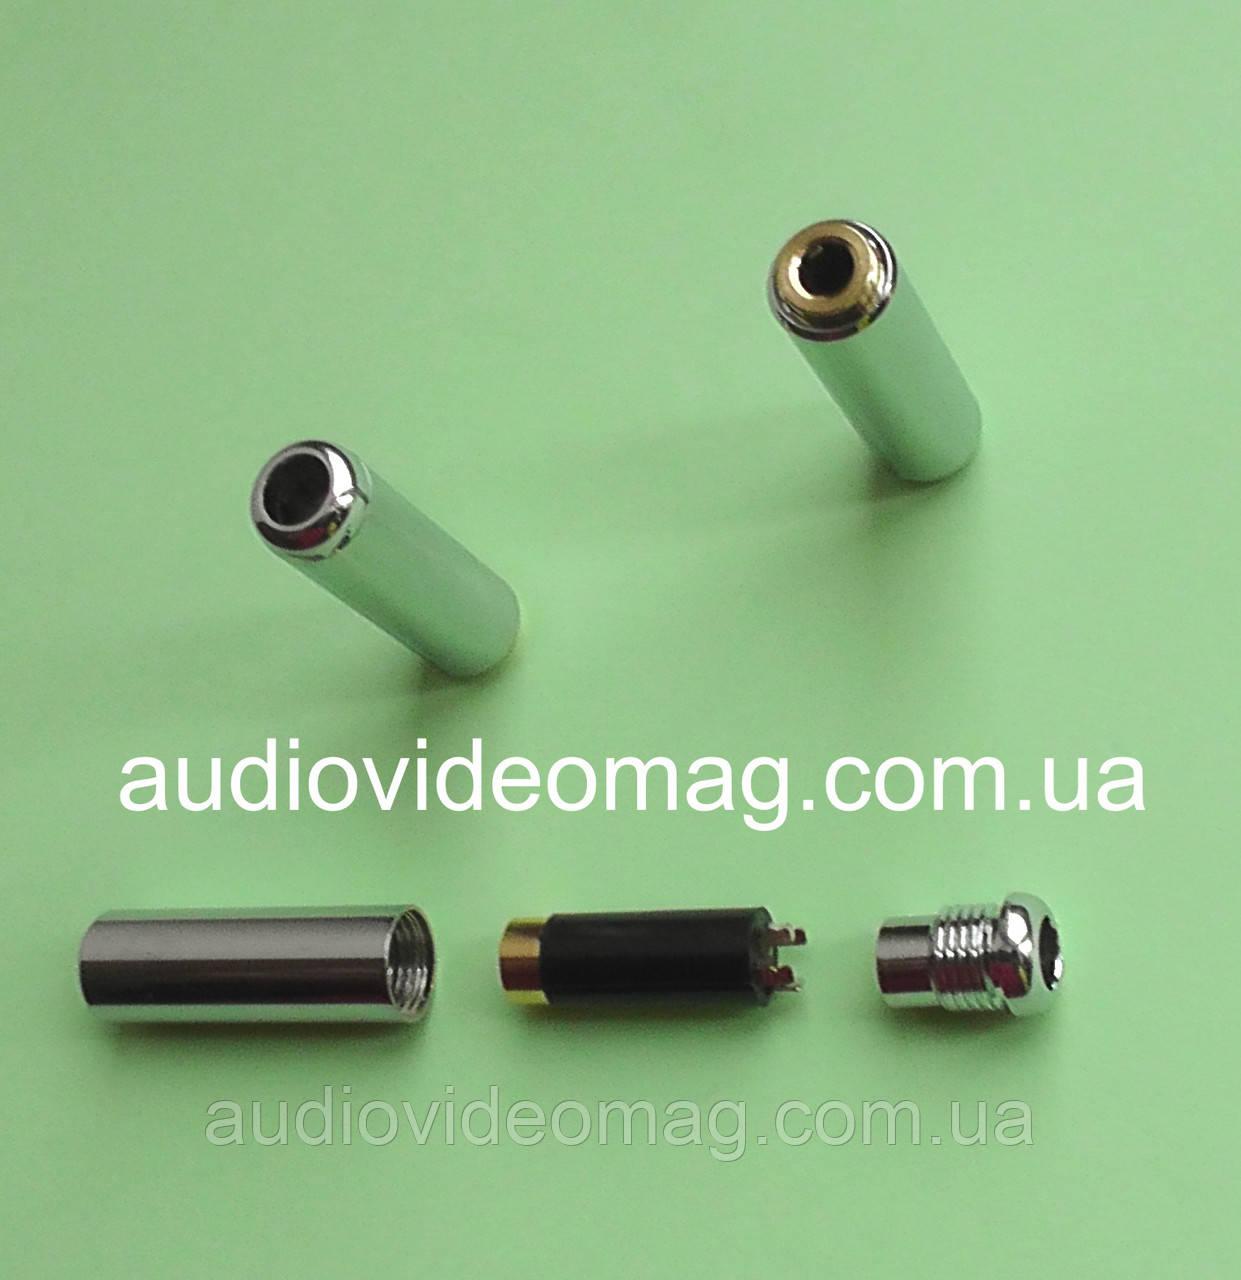 Гнездо 3.5 (4 pin), металлический корпус, на кабель